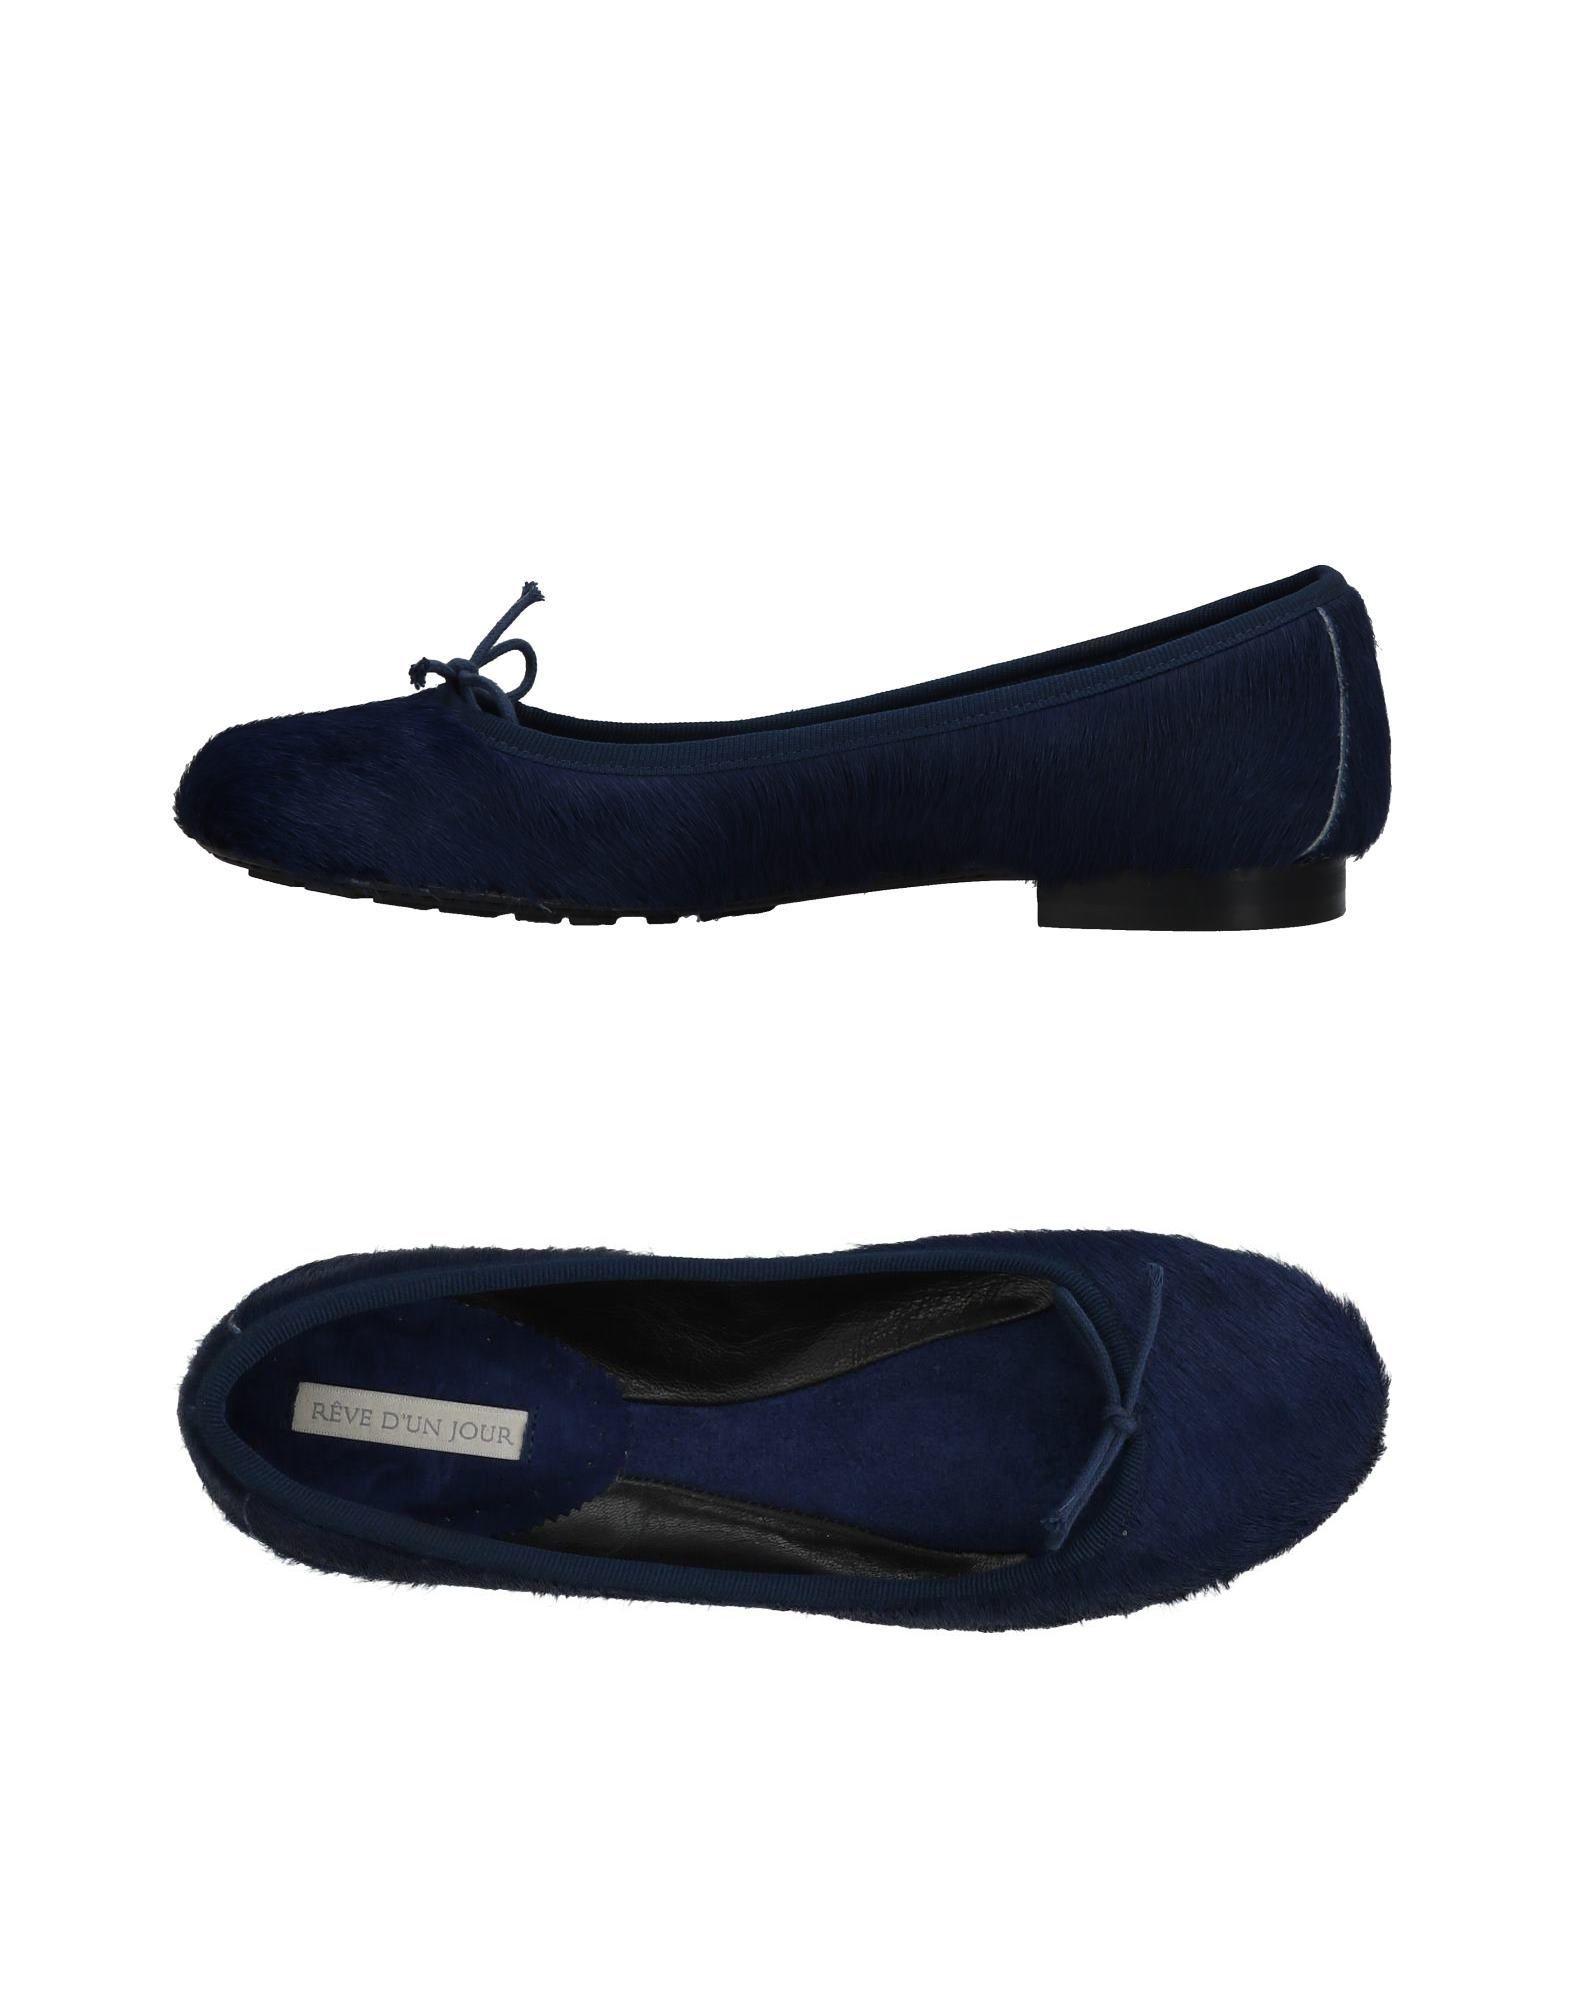 Rêve D'un Jour Ballerinas Damen Damen Damen  11441145UV Neue Schuhe e73714